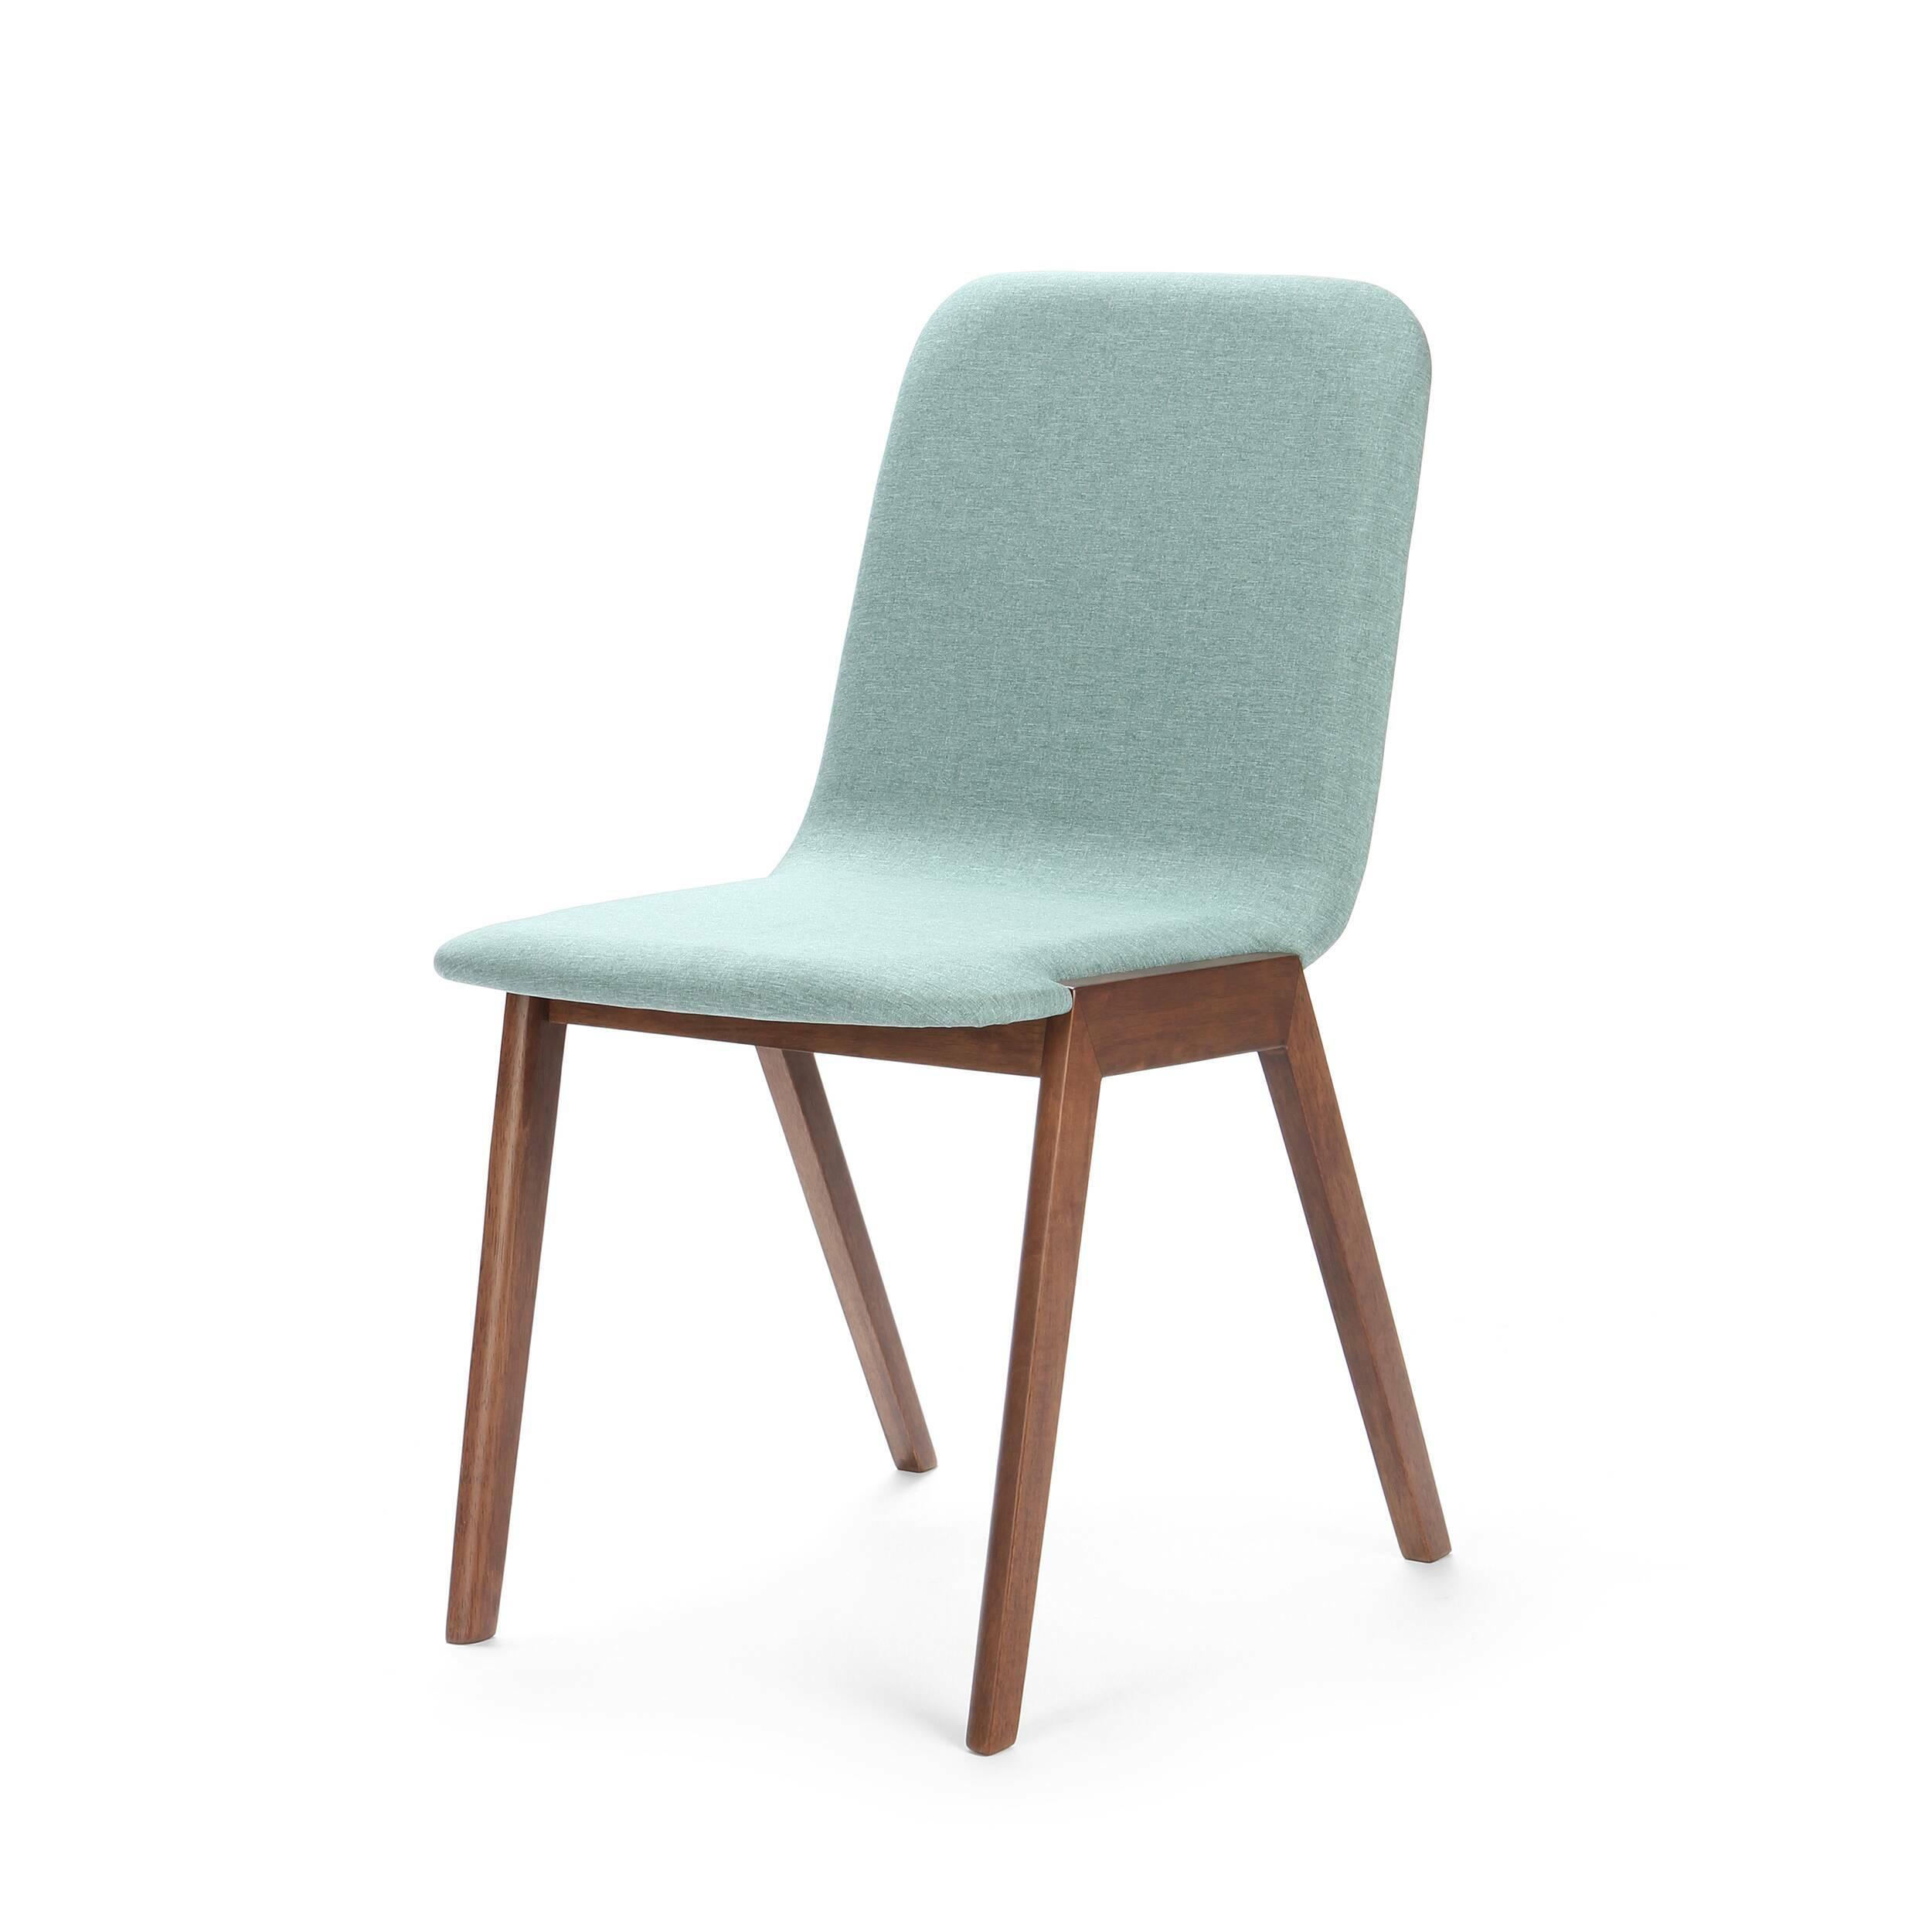 Стул MaysonИнтерьерные<br>Дизайнерский мягкий легкий голубой стул Mayson (Мэйсон) без подлокотников от Cosmo (Космо).<br>Доступный в двух цветах каркаса стул Mayson — превосходный кандидат для обеденной зоны. Дизайнеры сделали изделие комфортным, но компактным, благодаря чему он не занимает много места на небольшой кухне. Для устойчивости ножки расставлены под тупым углом, а для того чтобы не портилось напольное покрытие, на них имеются специальные насадки. <br> <br> Благодаря двум цветовым решениям легко подобрать наиболее...<br><br>stock: 0<br>Высота: 83<br>Высота сиденья: 46<br>Ширина: 58<br>Глубина: 45<br>Цвет ножек: Орех<br>Наполнитель: Пена<br>Материал ножек: Массив каучукового дерева<br>Материал сидения: Полиэстер<br>Цвет сидения: Голубой<br>Тип материала сидения: Ткань<br>Тип материала ножек: Дерево